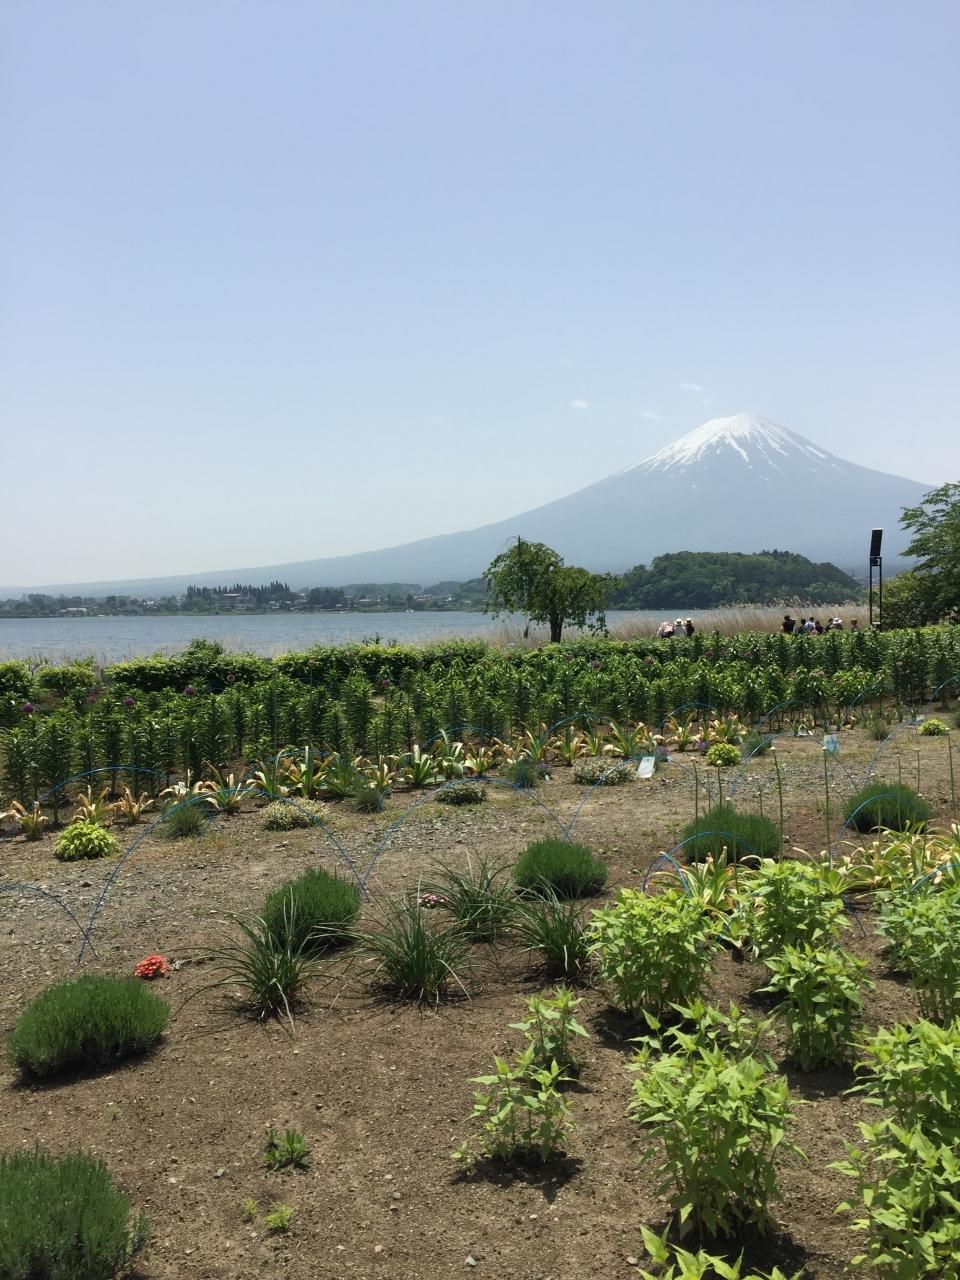 富士山とお花畑 今からラベンダーが咲きます